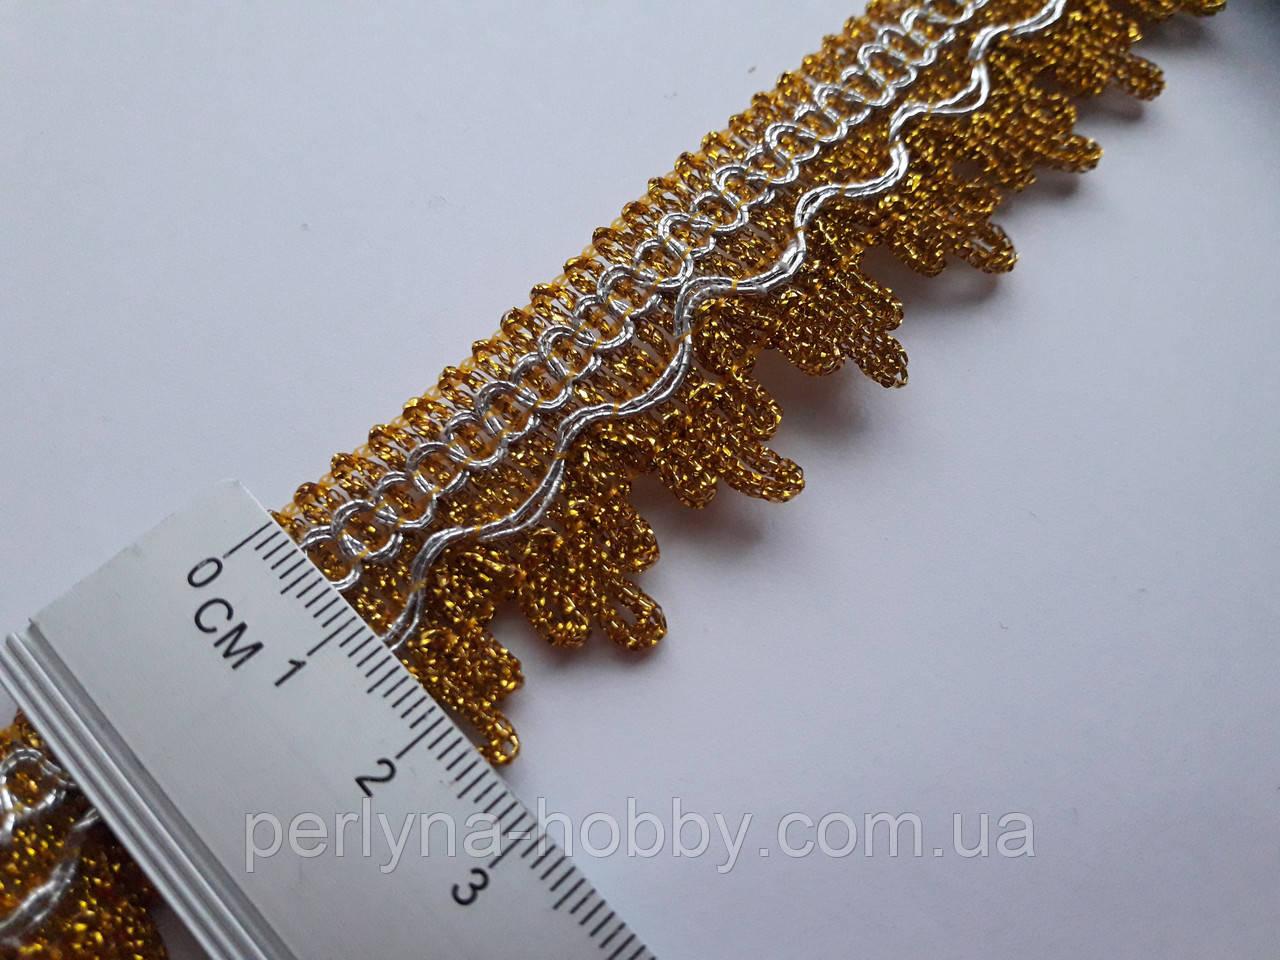 Тасьма декоративна люрекс  3 см золото зі сріблом